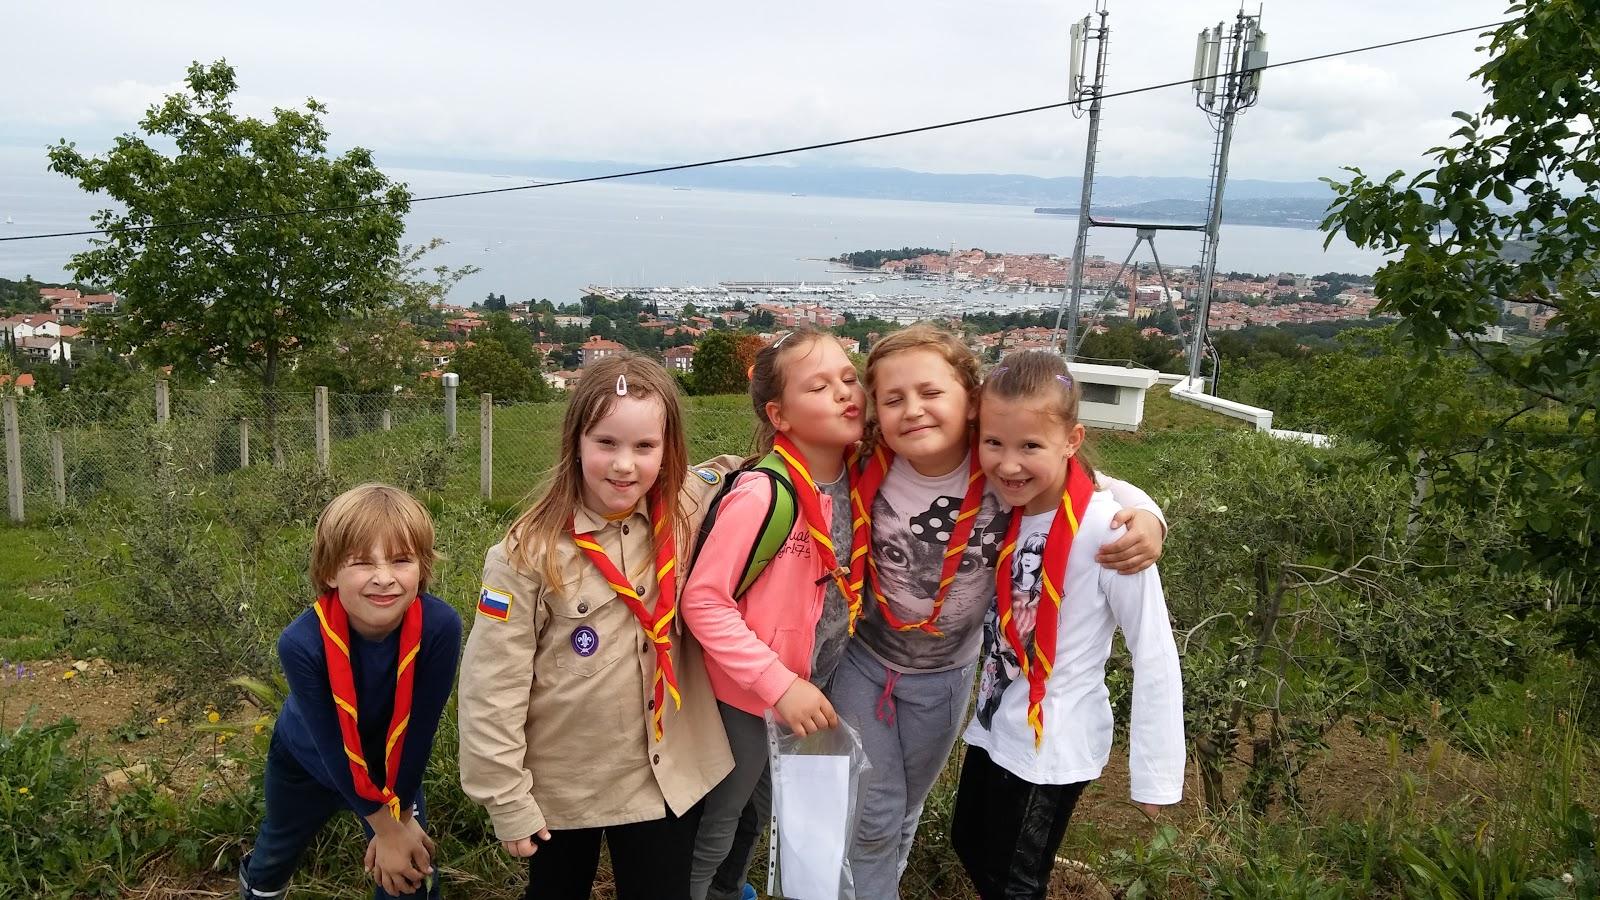 Področni mnogoboj MČ, Jagodje 2016 - 20160514_111543.jpg